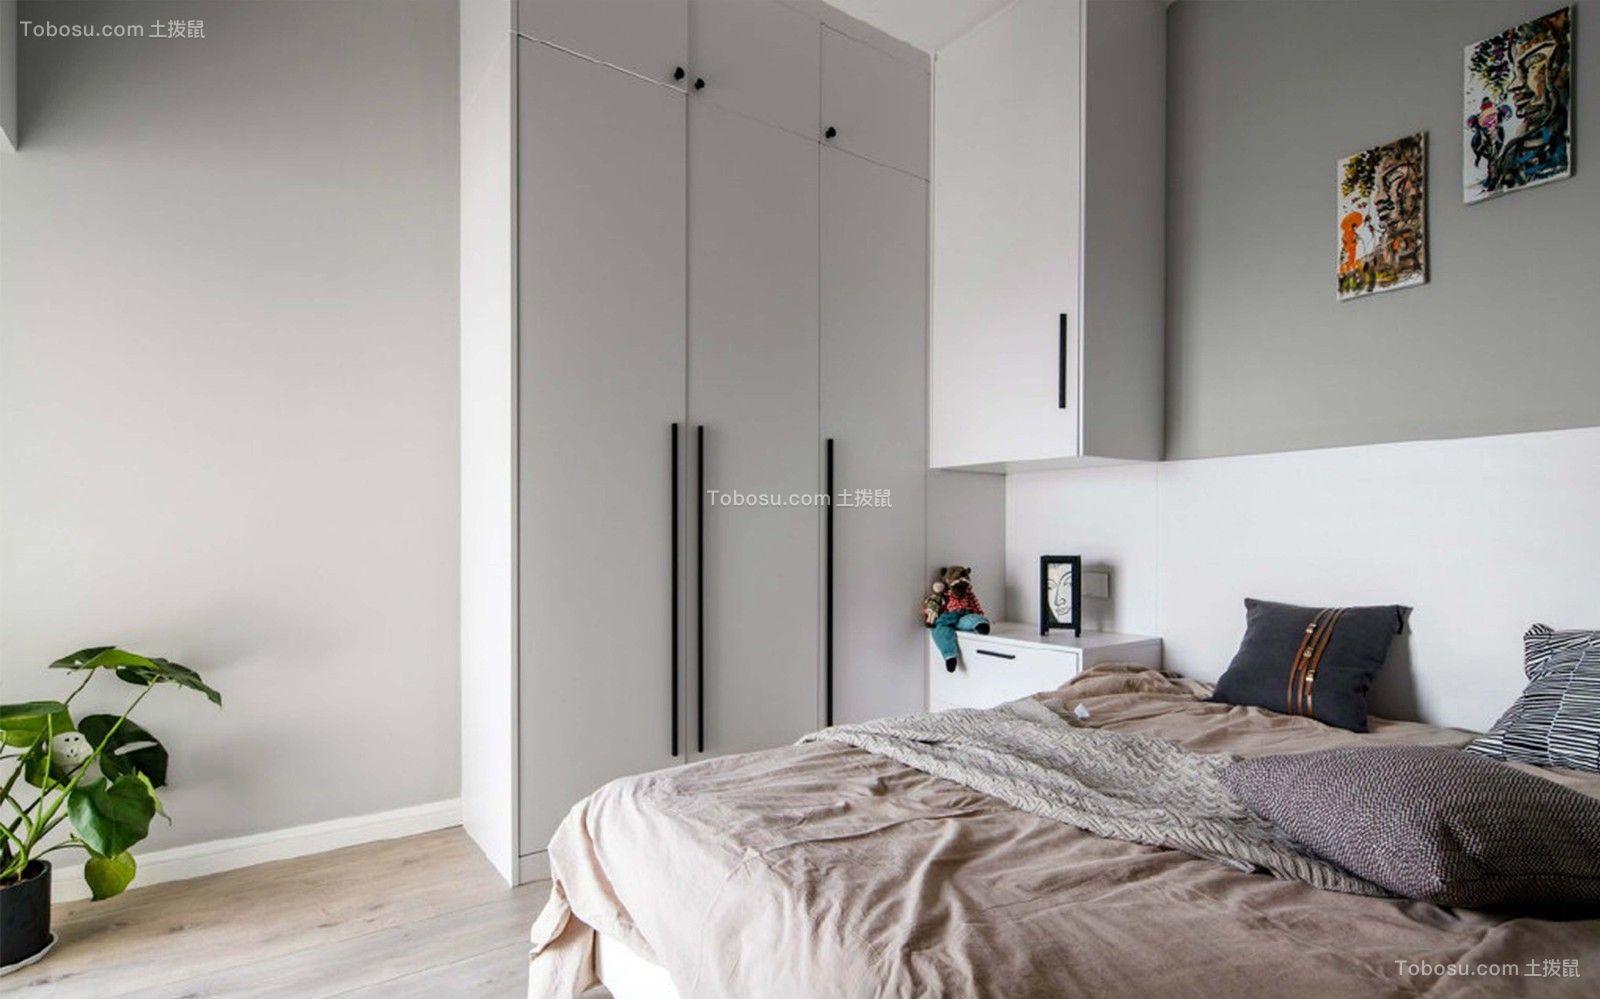 70平北欧混搭风格二居室装修效果图